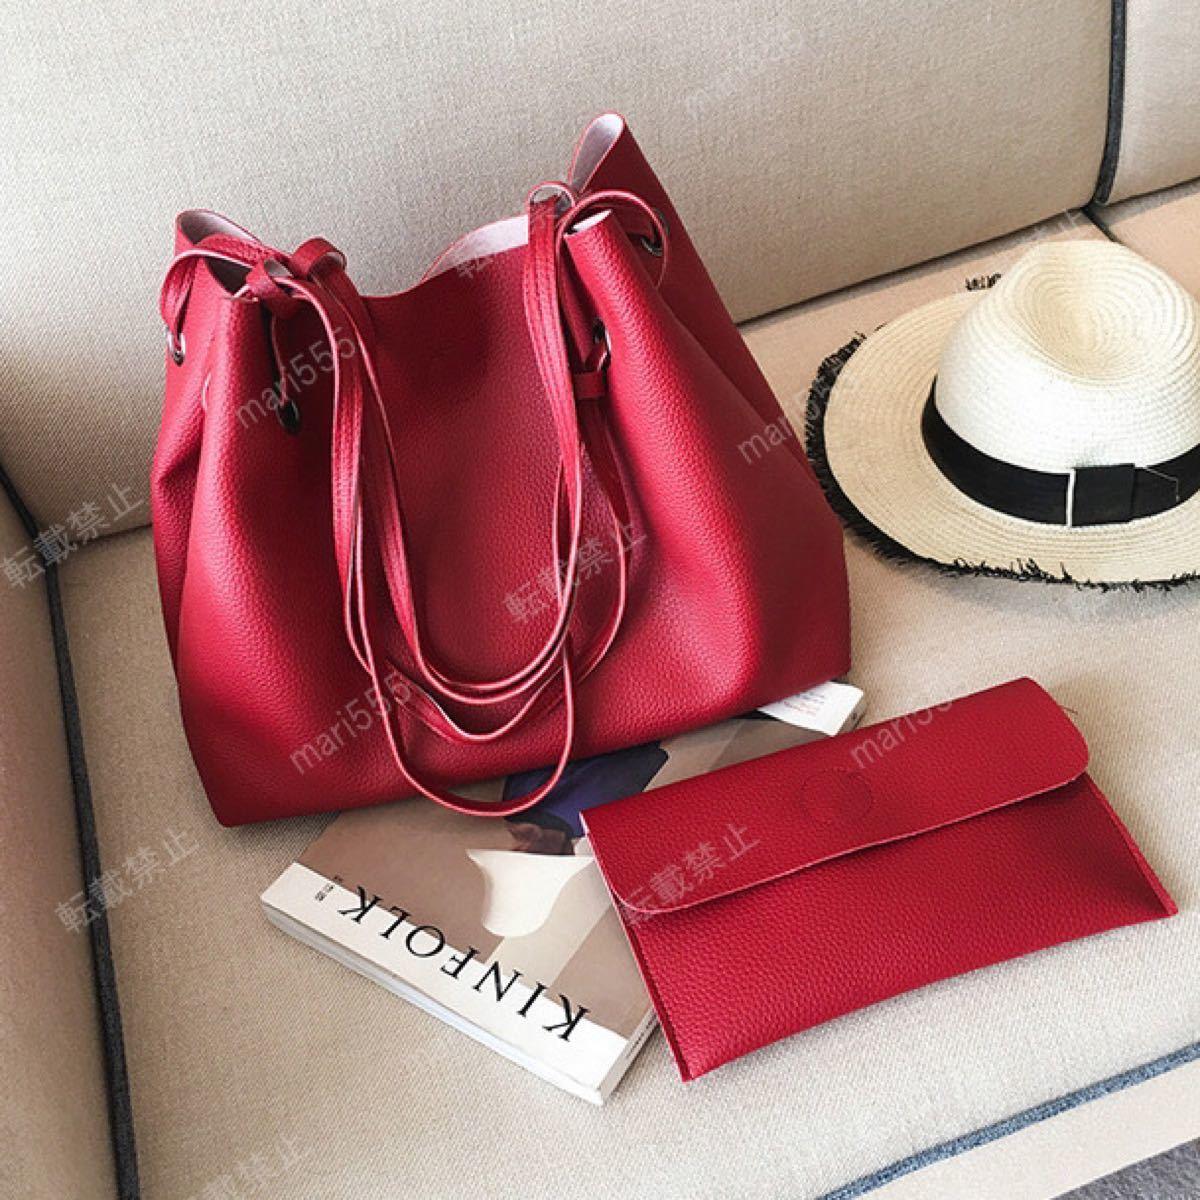 ポーチ付 トートバッグ 2way 大容量 レッド 赤 ショルダー レザー 鞄